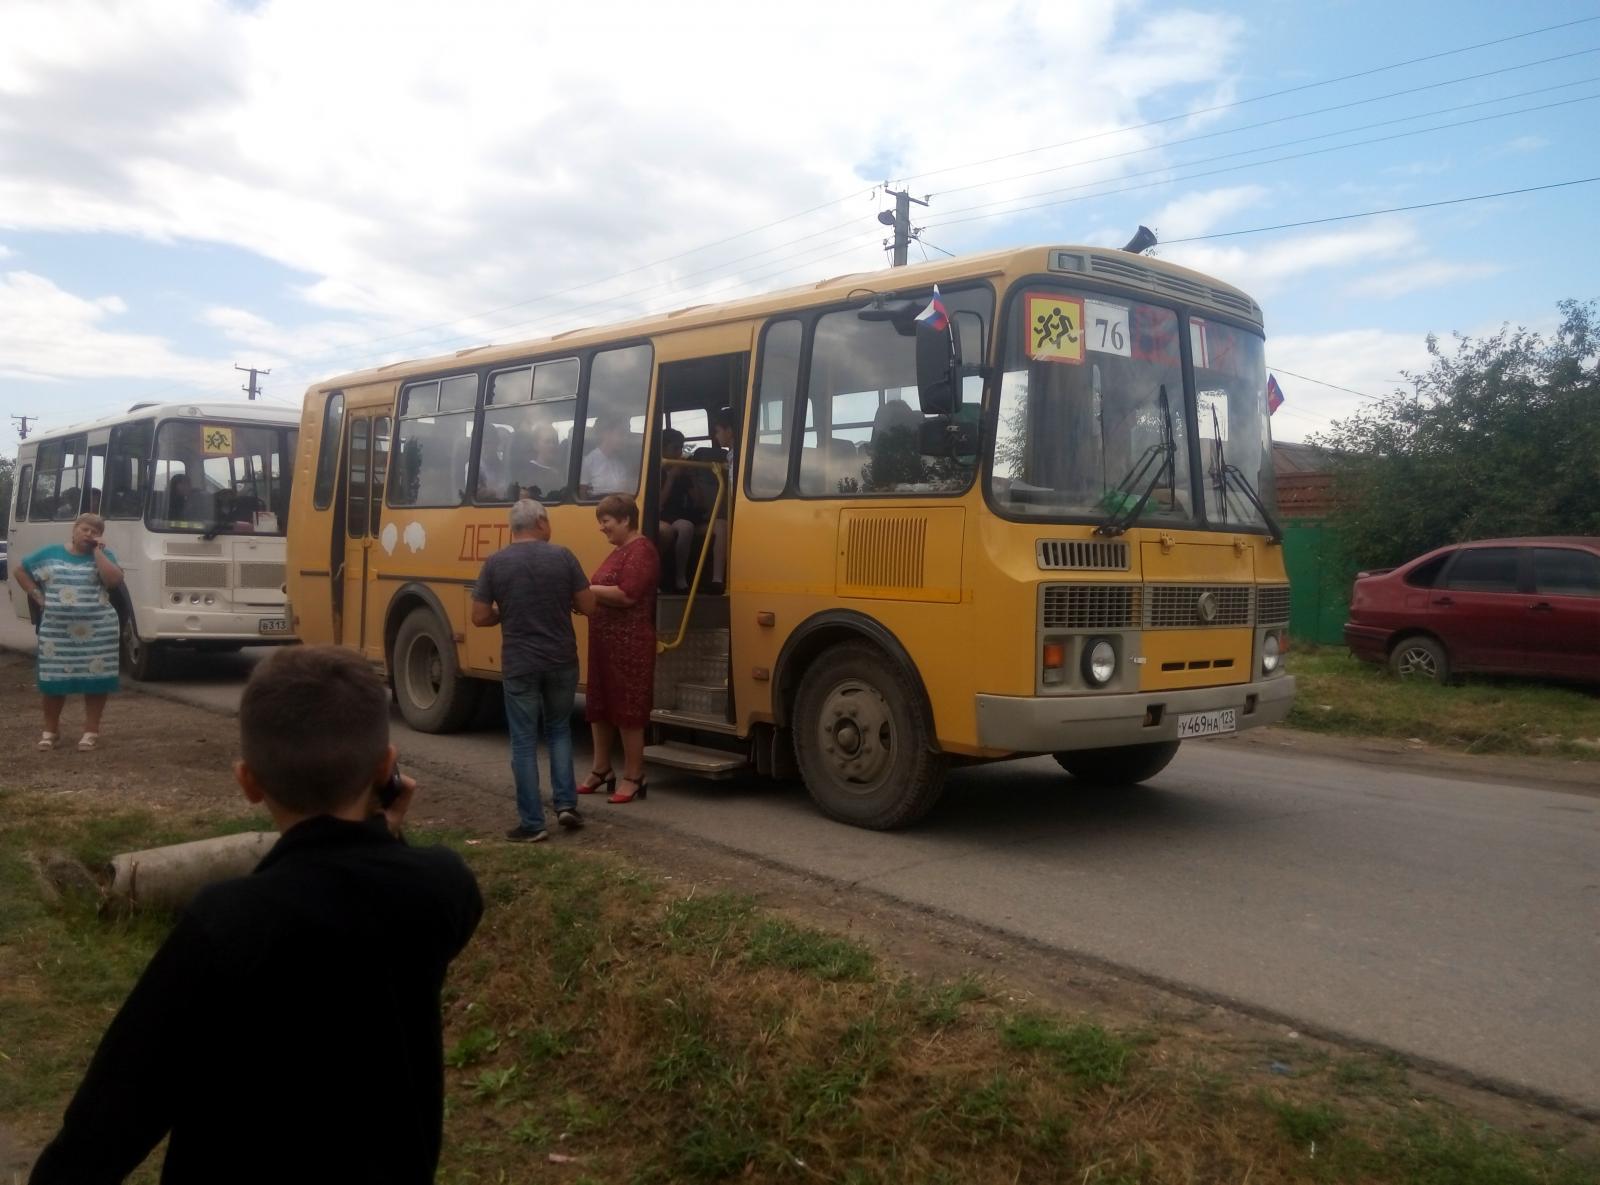 ВКраснодарском крае 18-летний шофёр «Жигулей» врезался вдерево: трое пострадали